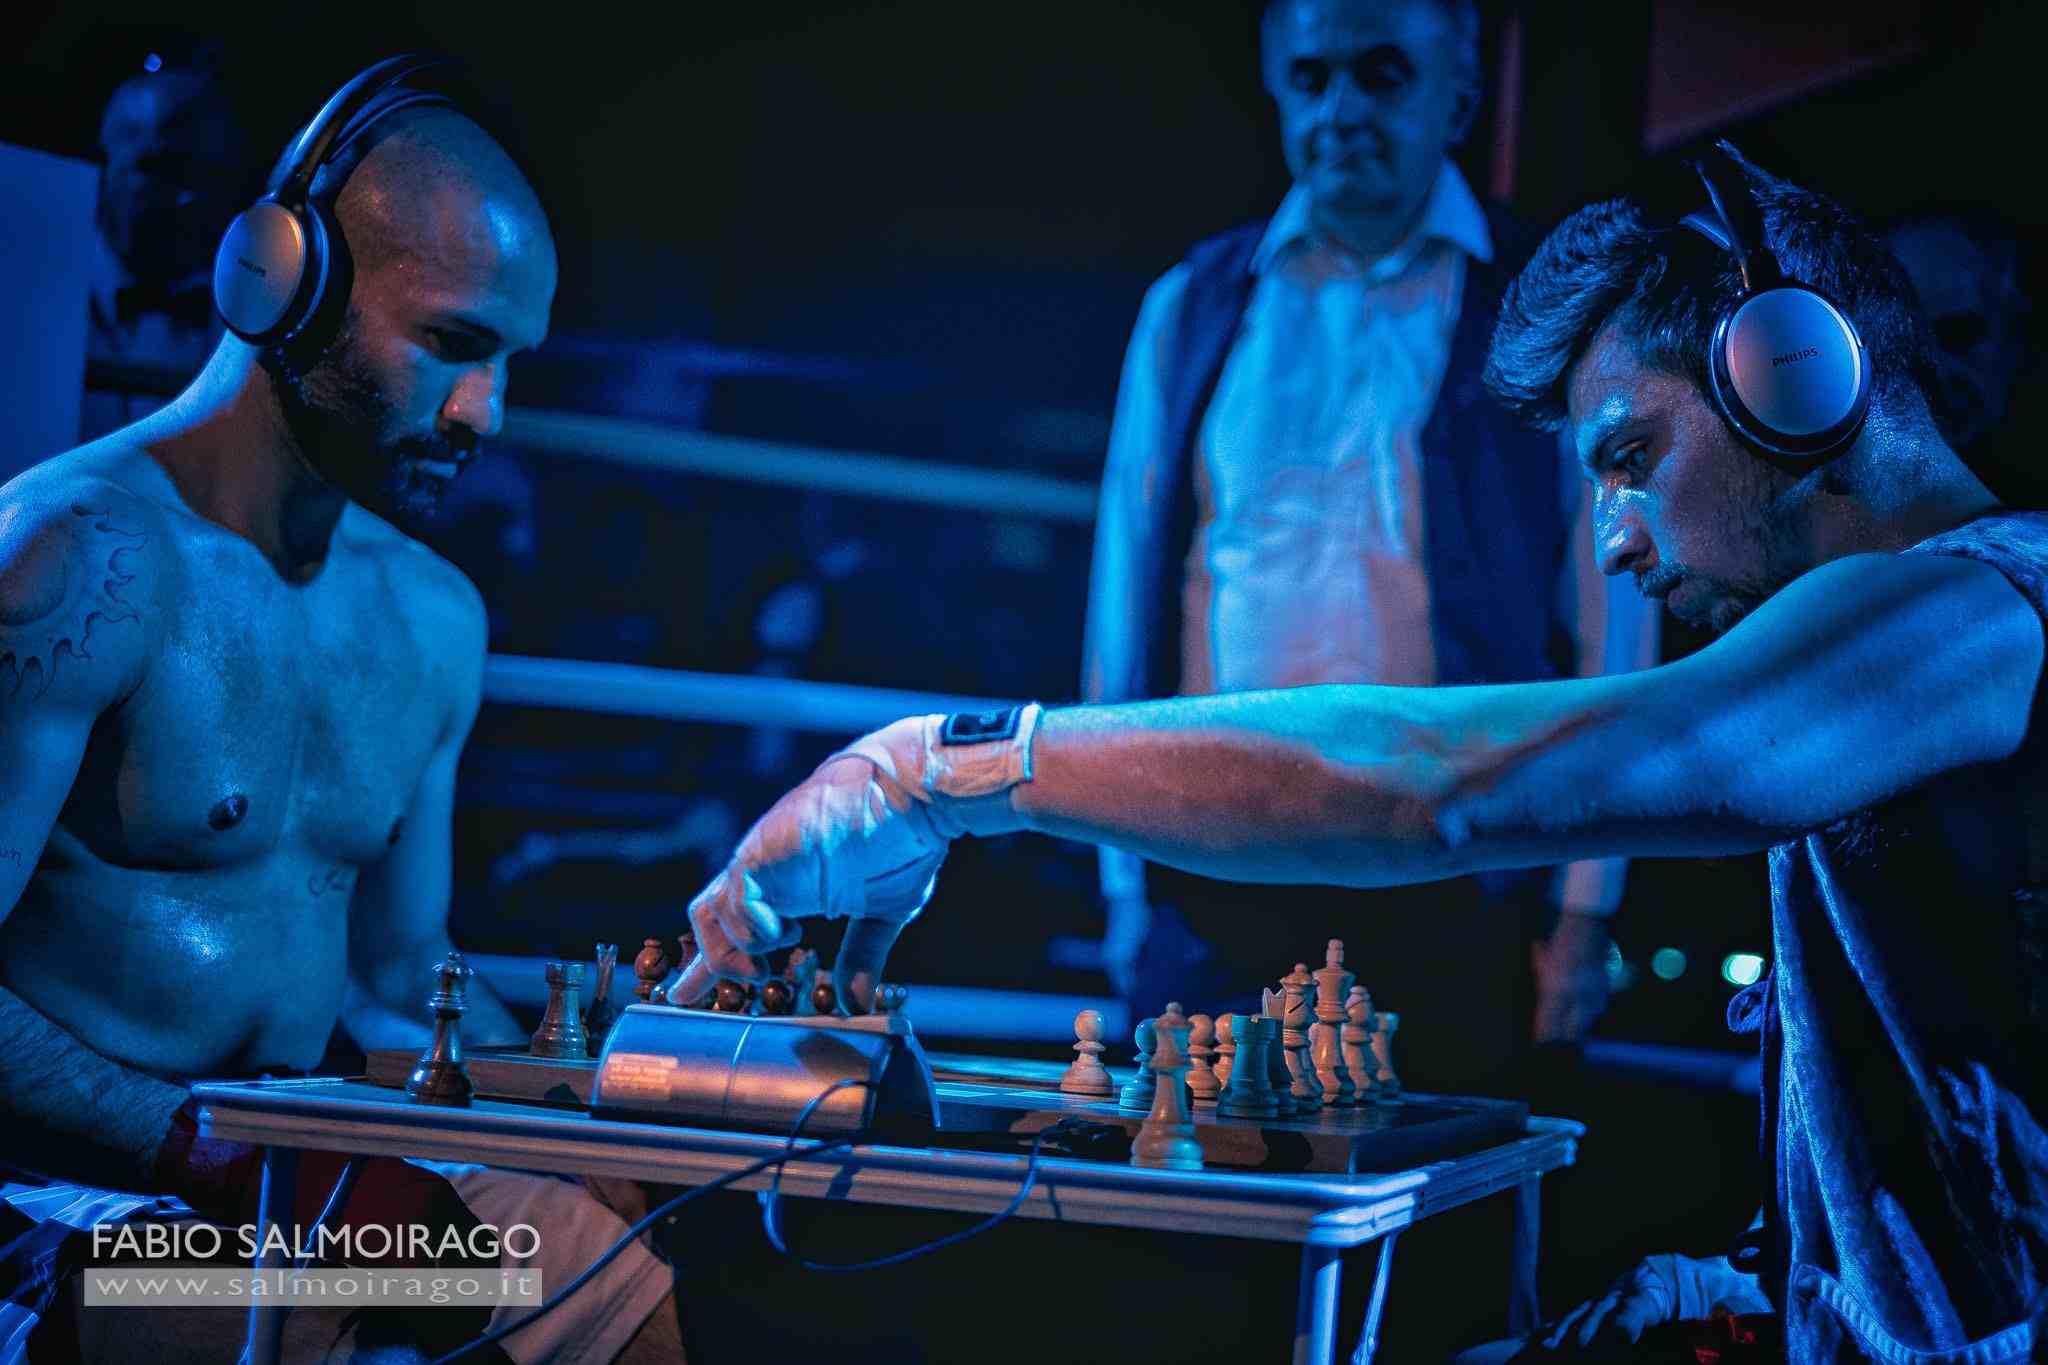 Concorso fotografico: premiata foto di scacchipugilato.